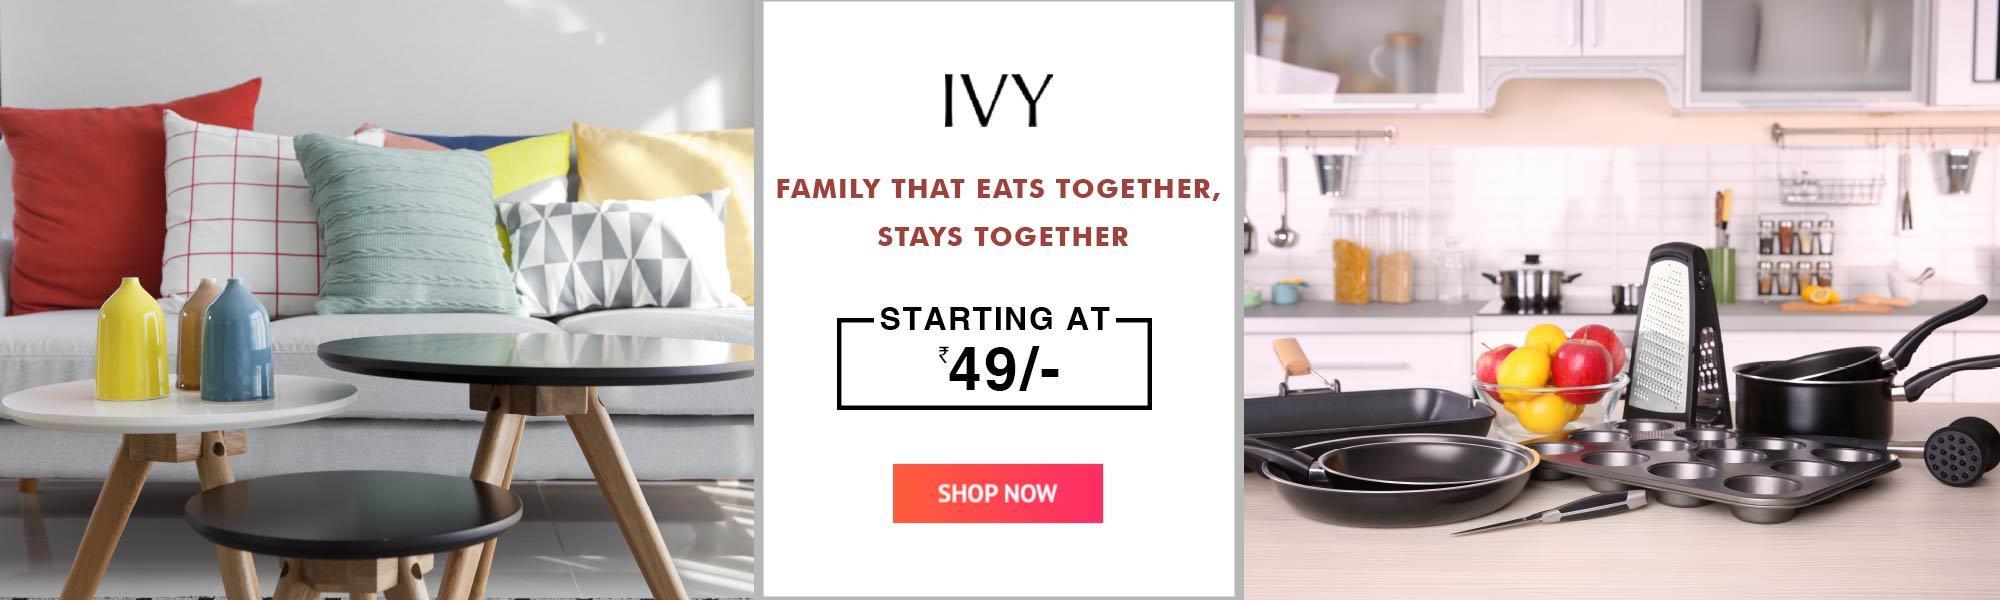 Ivy Offer